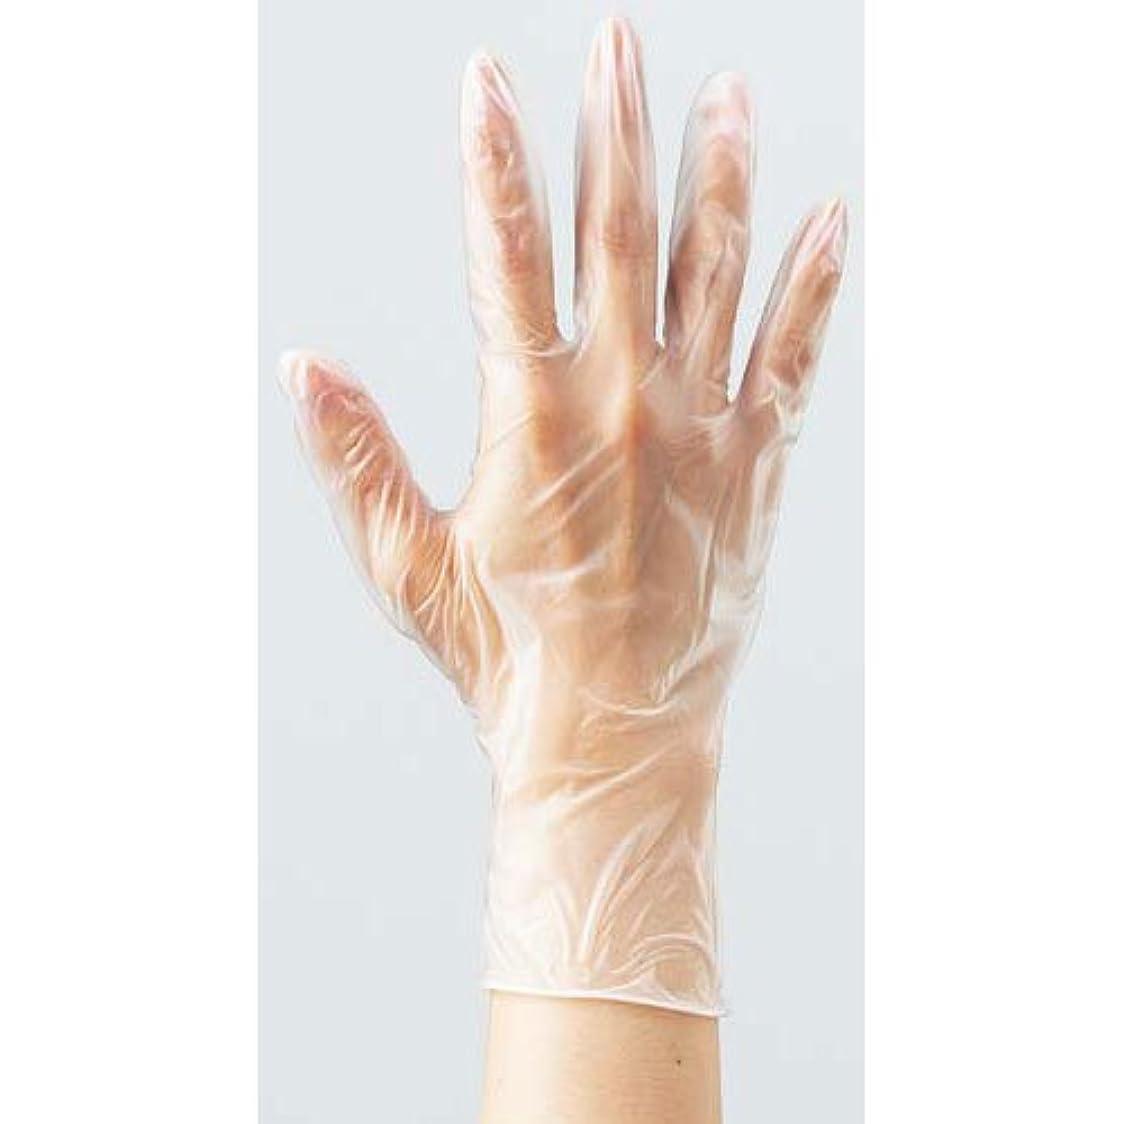 以降爆発嘆くカウネット プラスチック手袋 袋入 粉無M 100枚